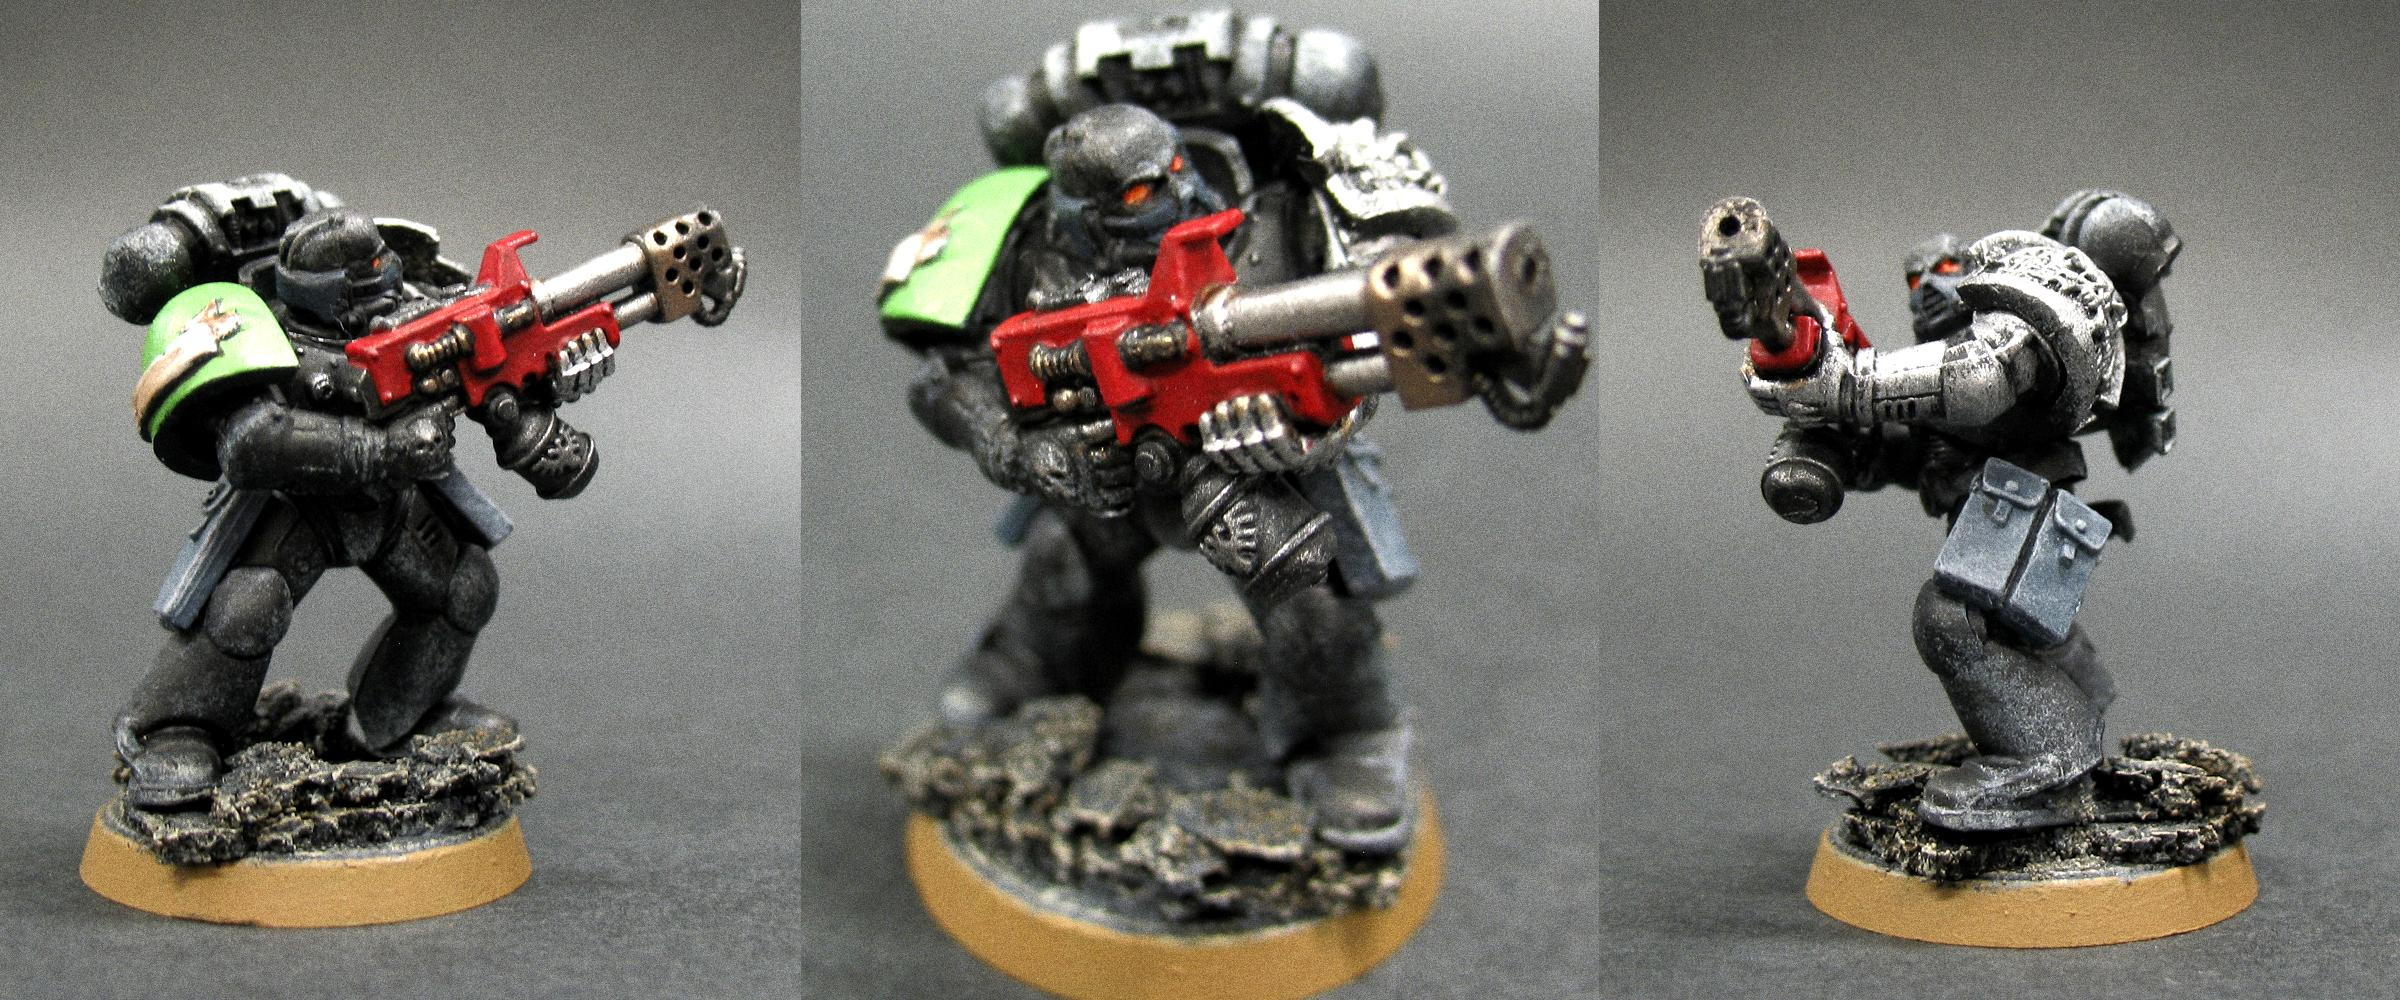 Deathwatch, Killteam, Salamander